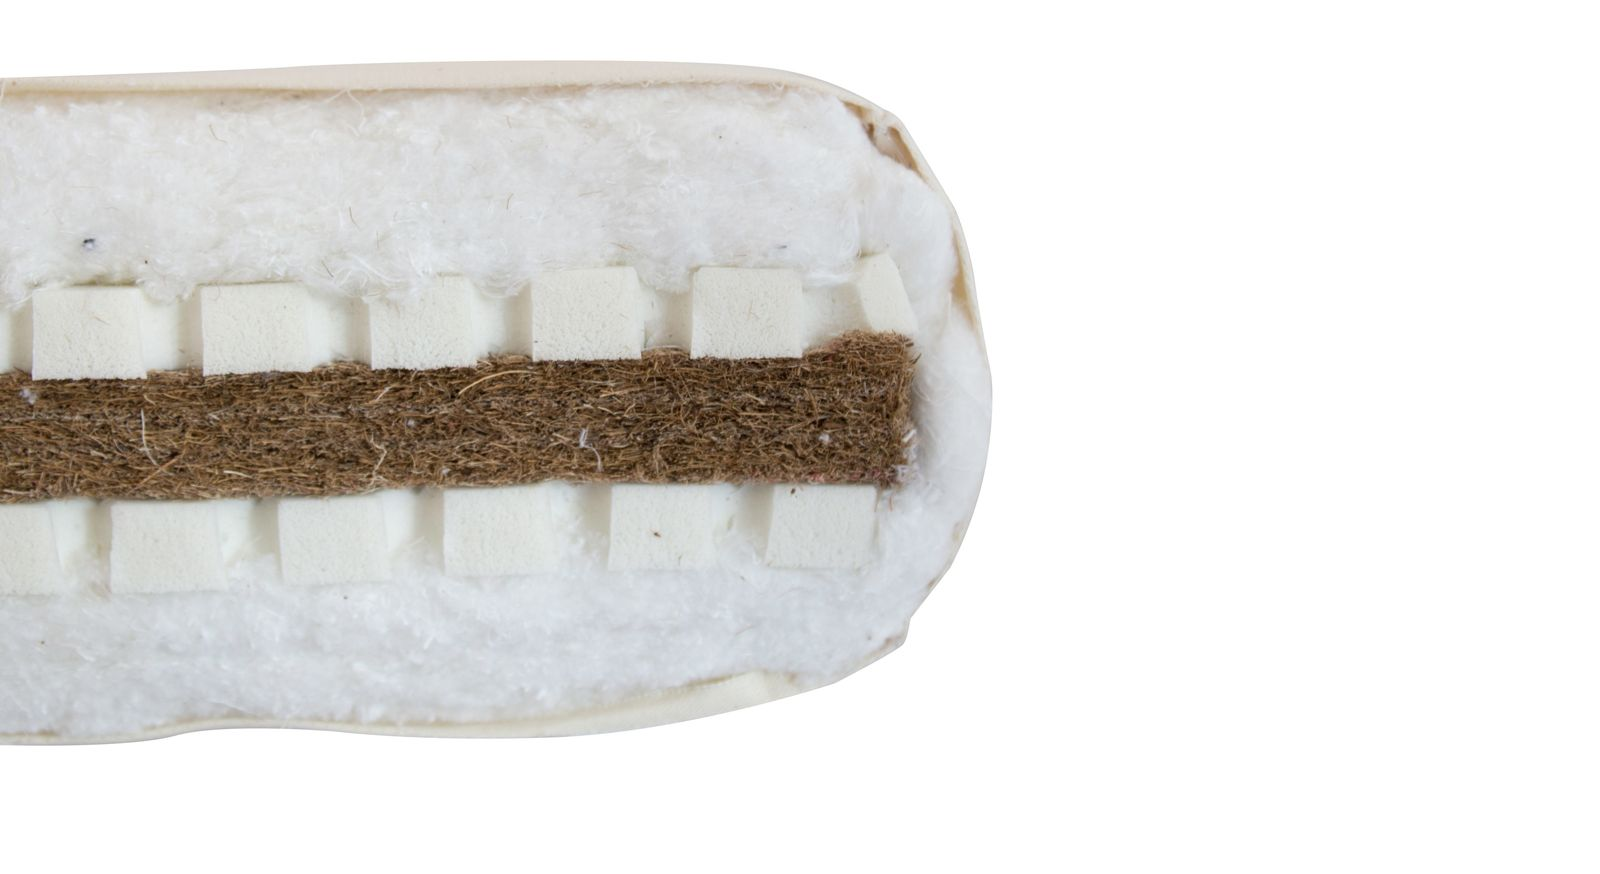 Querschnitt der komfortablen Futonmatratze Latex-Kokos